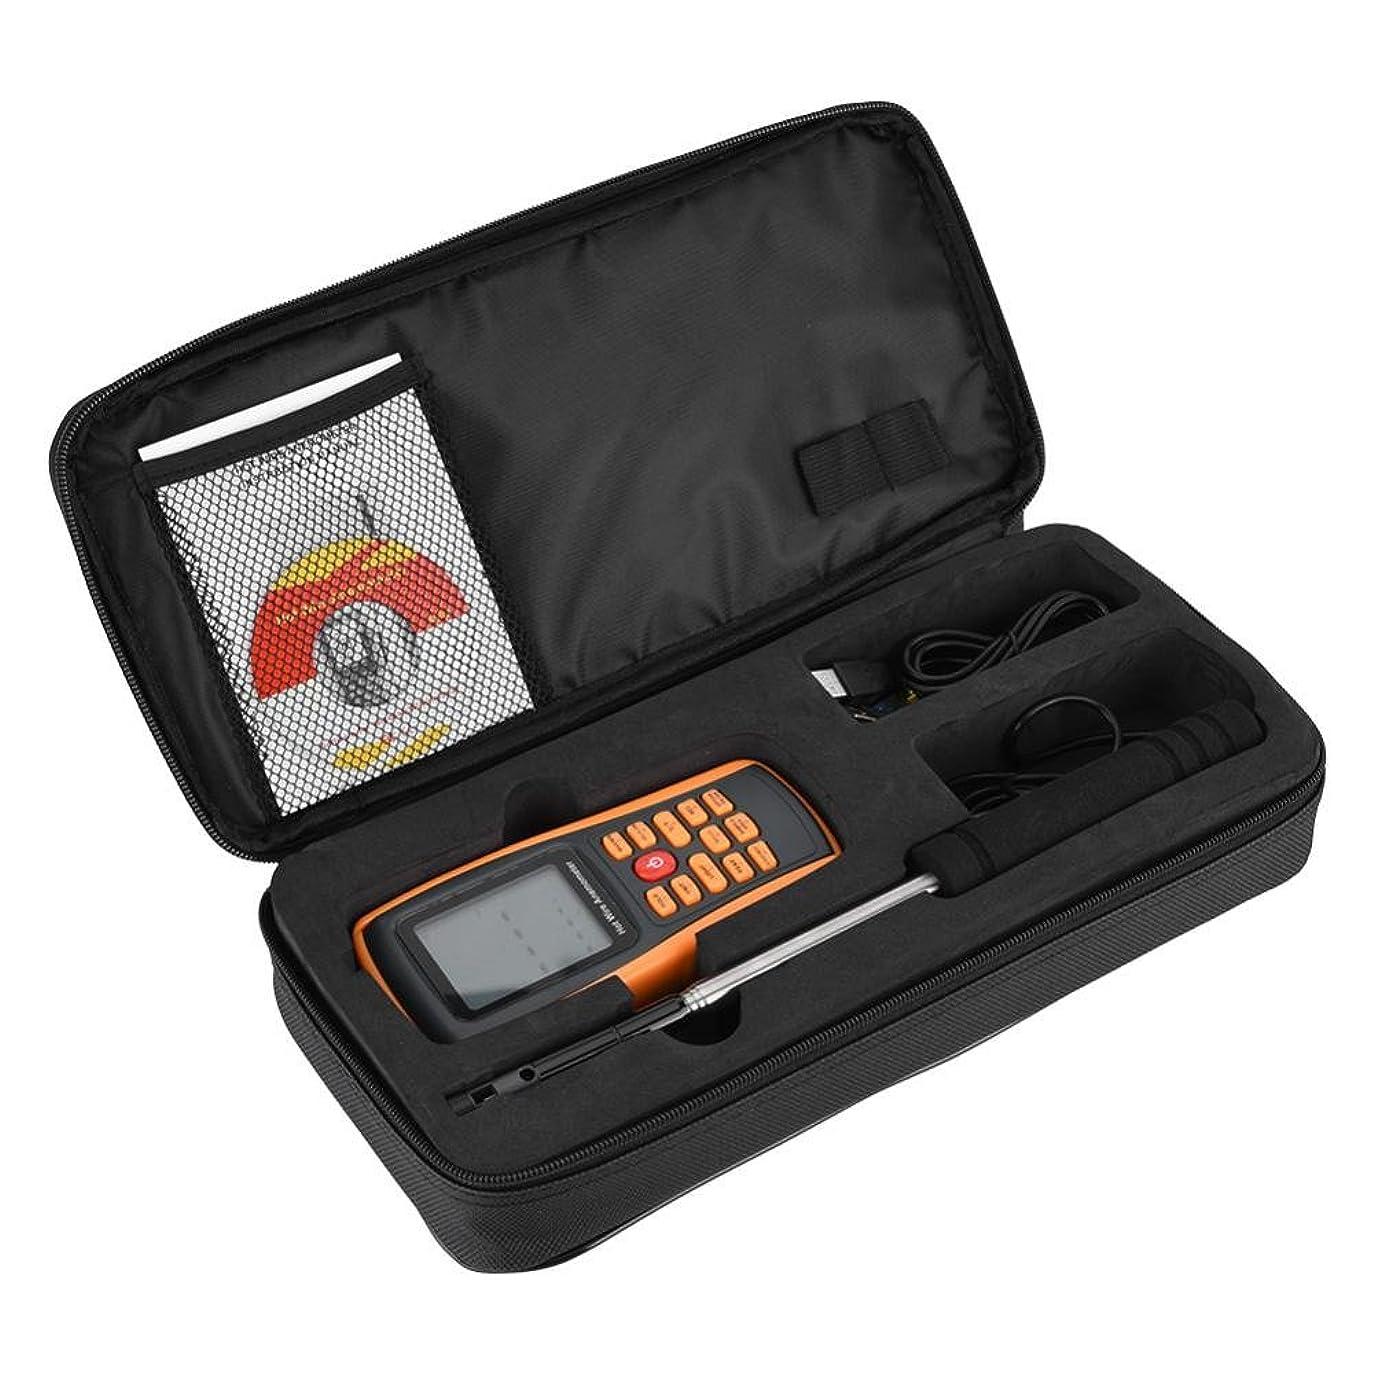 続ける無臭登山家デジタル風速計LCDポータブルデジタルホットワイヤ風速温度計風速計GM8903マニュアルとセンサー付きウィンドサーフィンモデル航空機、セーリング、サーフィン、射撃屋外活動